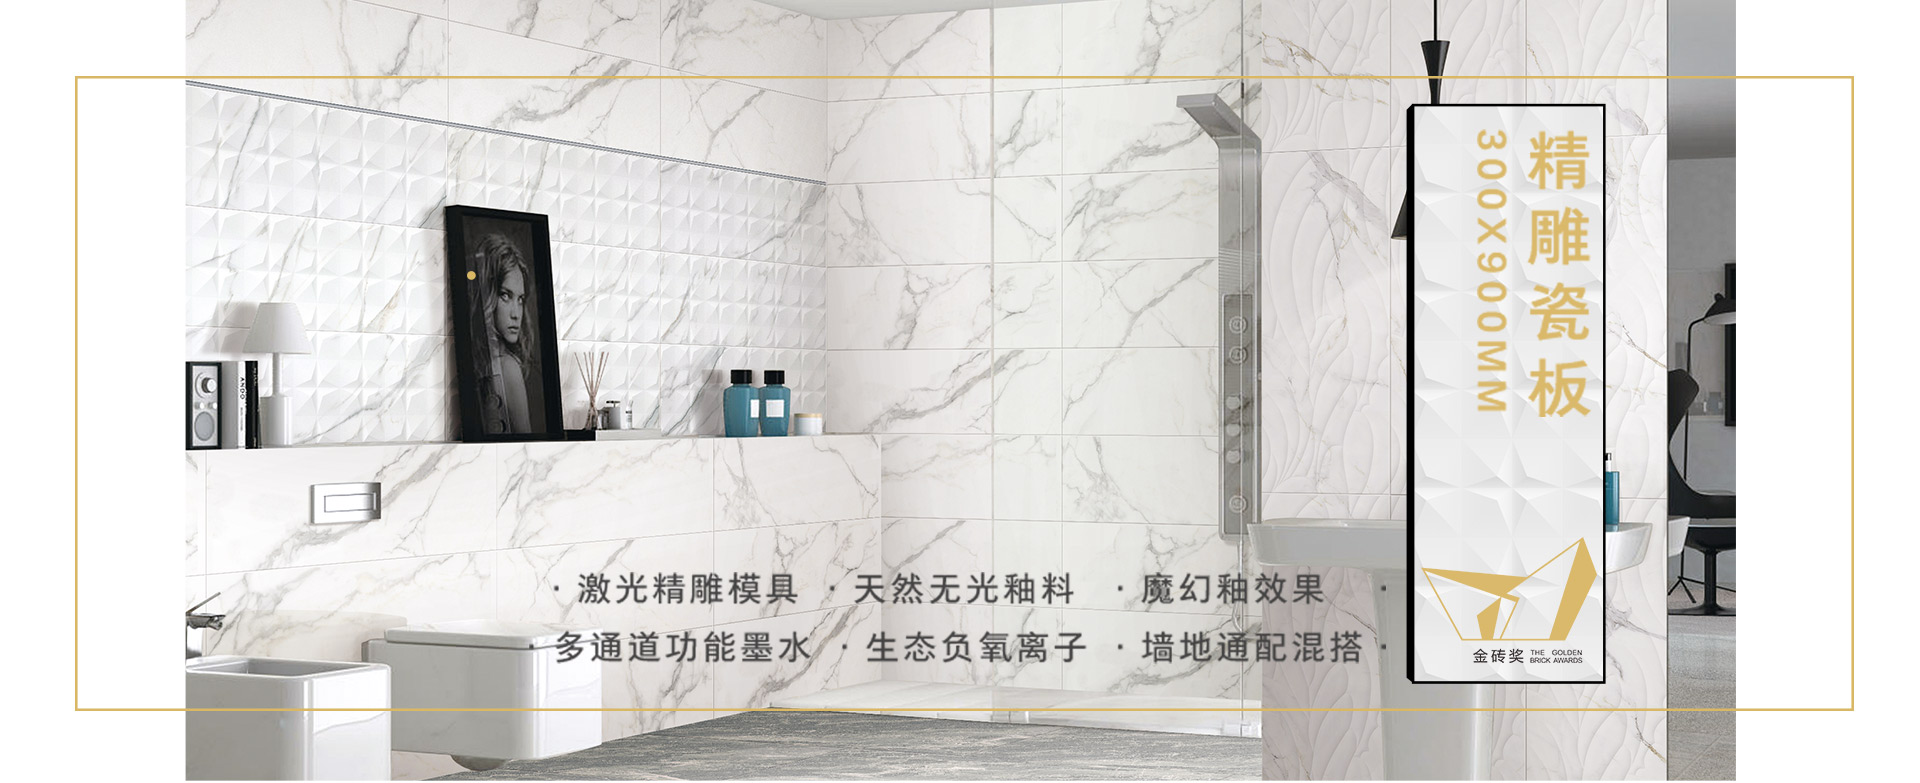 中国瓷砖十大品牌协进陶瓷精雕瓷板系列瓷砖瓷片产品荣获金砖奖